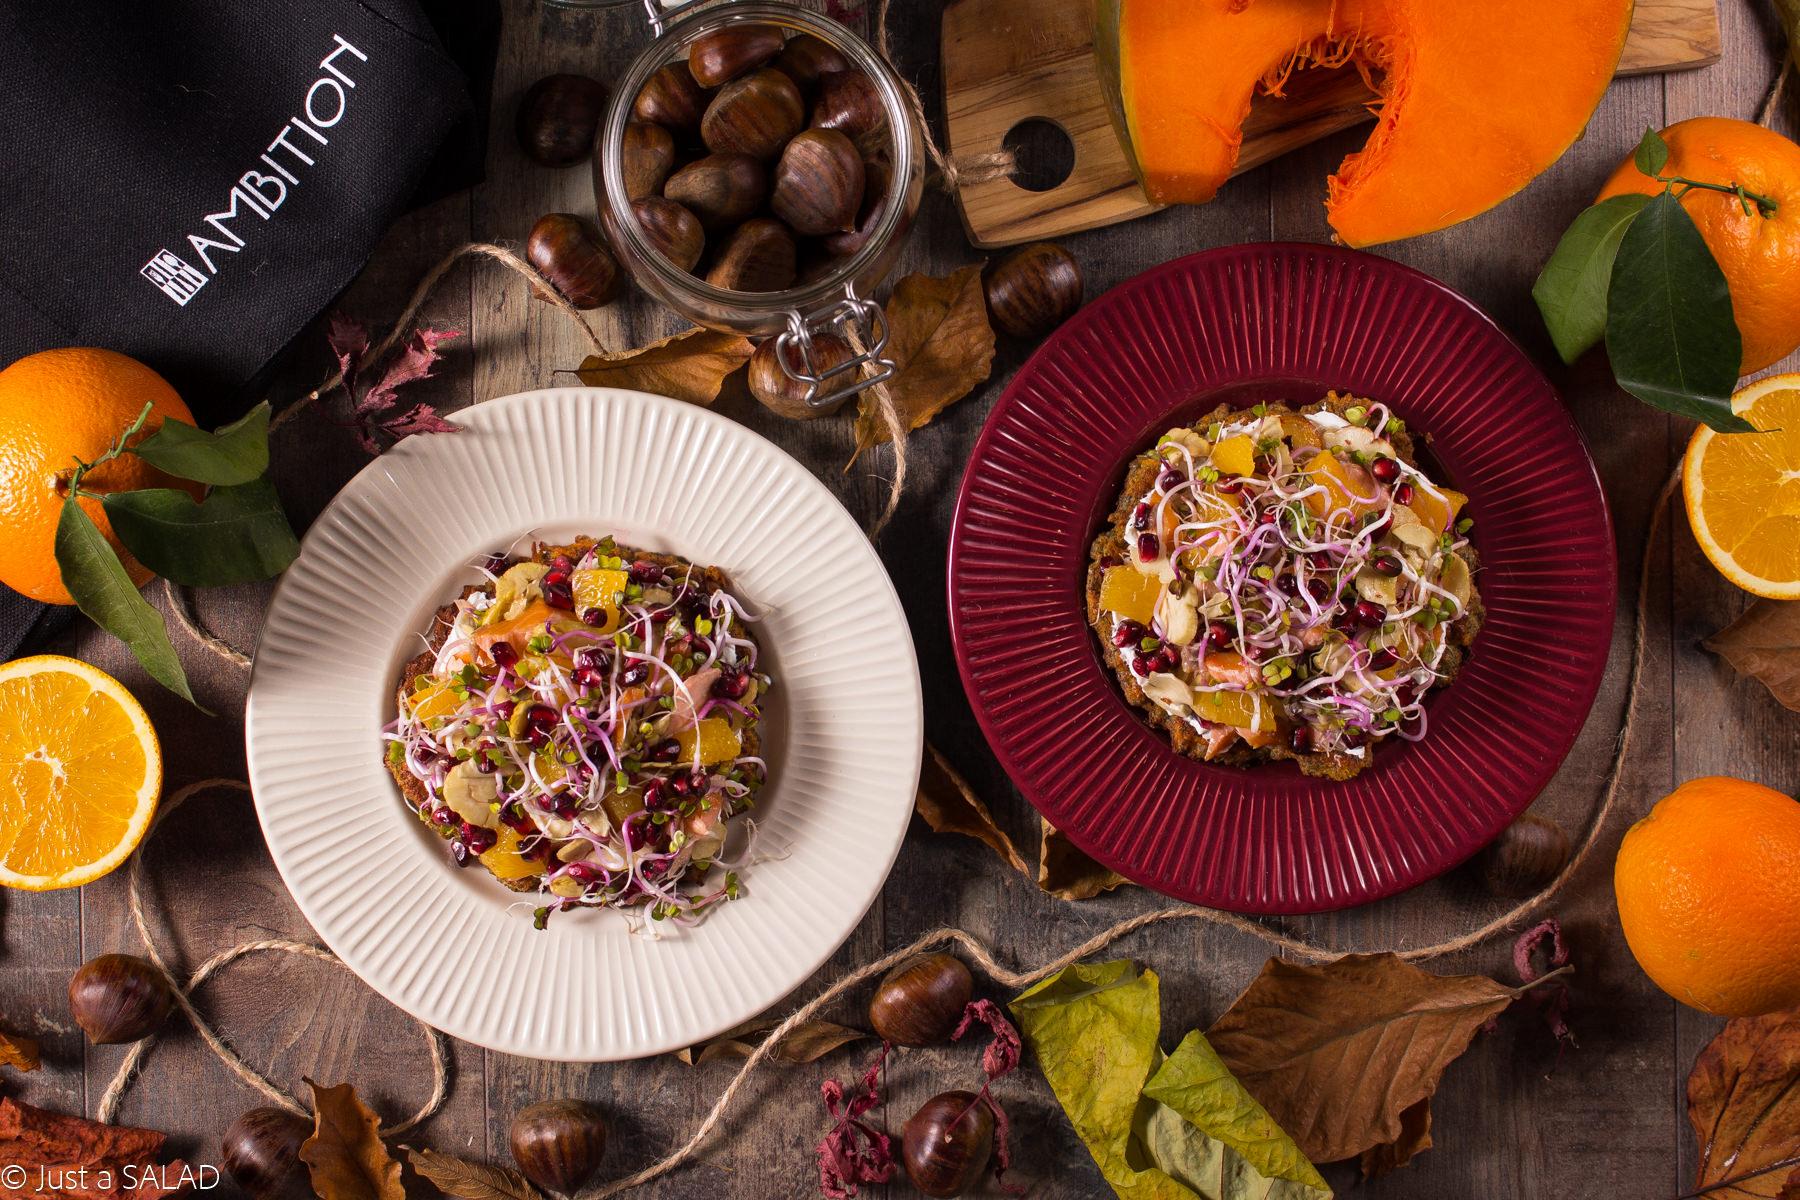 ZDROWA JESIEŃ NA TALERZU. Sałatka z łososiem wędzonym, kiełkami rzodkiewki, pomarańczami, granatami i kasztanami, podana na placuszkach z dyni i kozim serkiem.